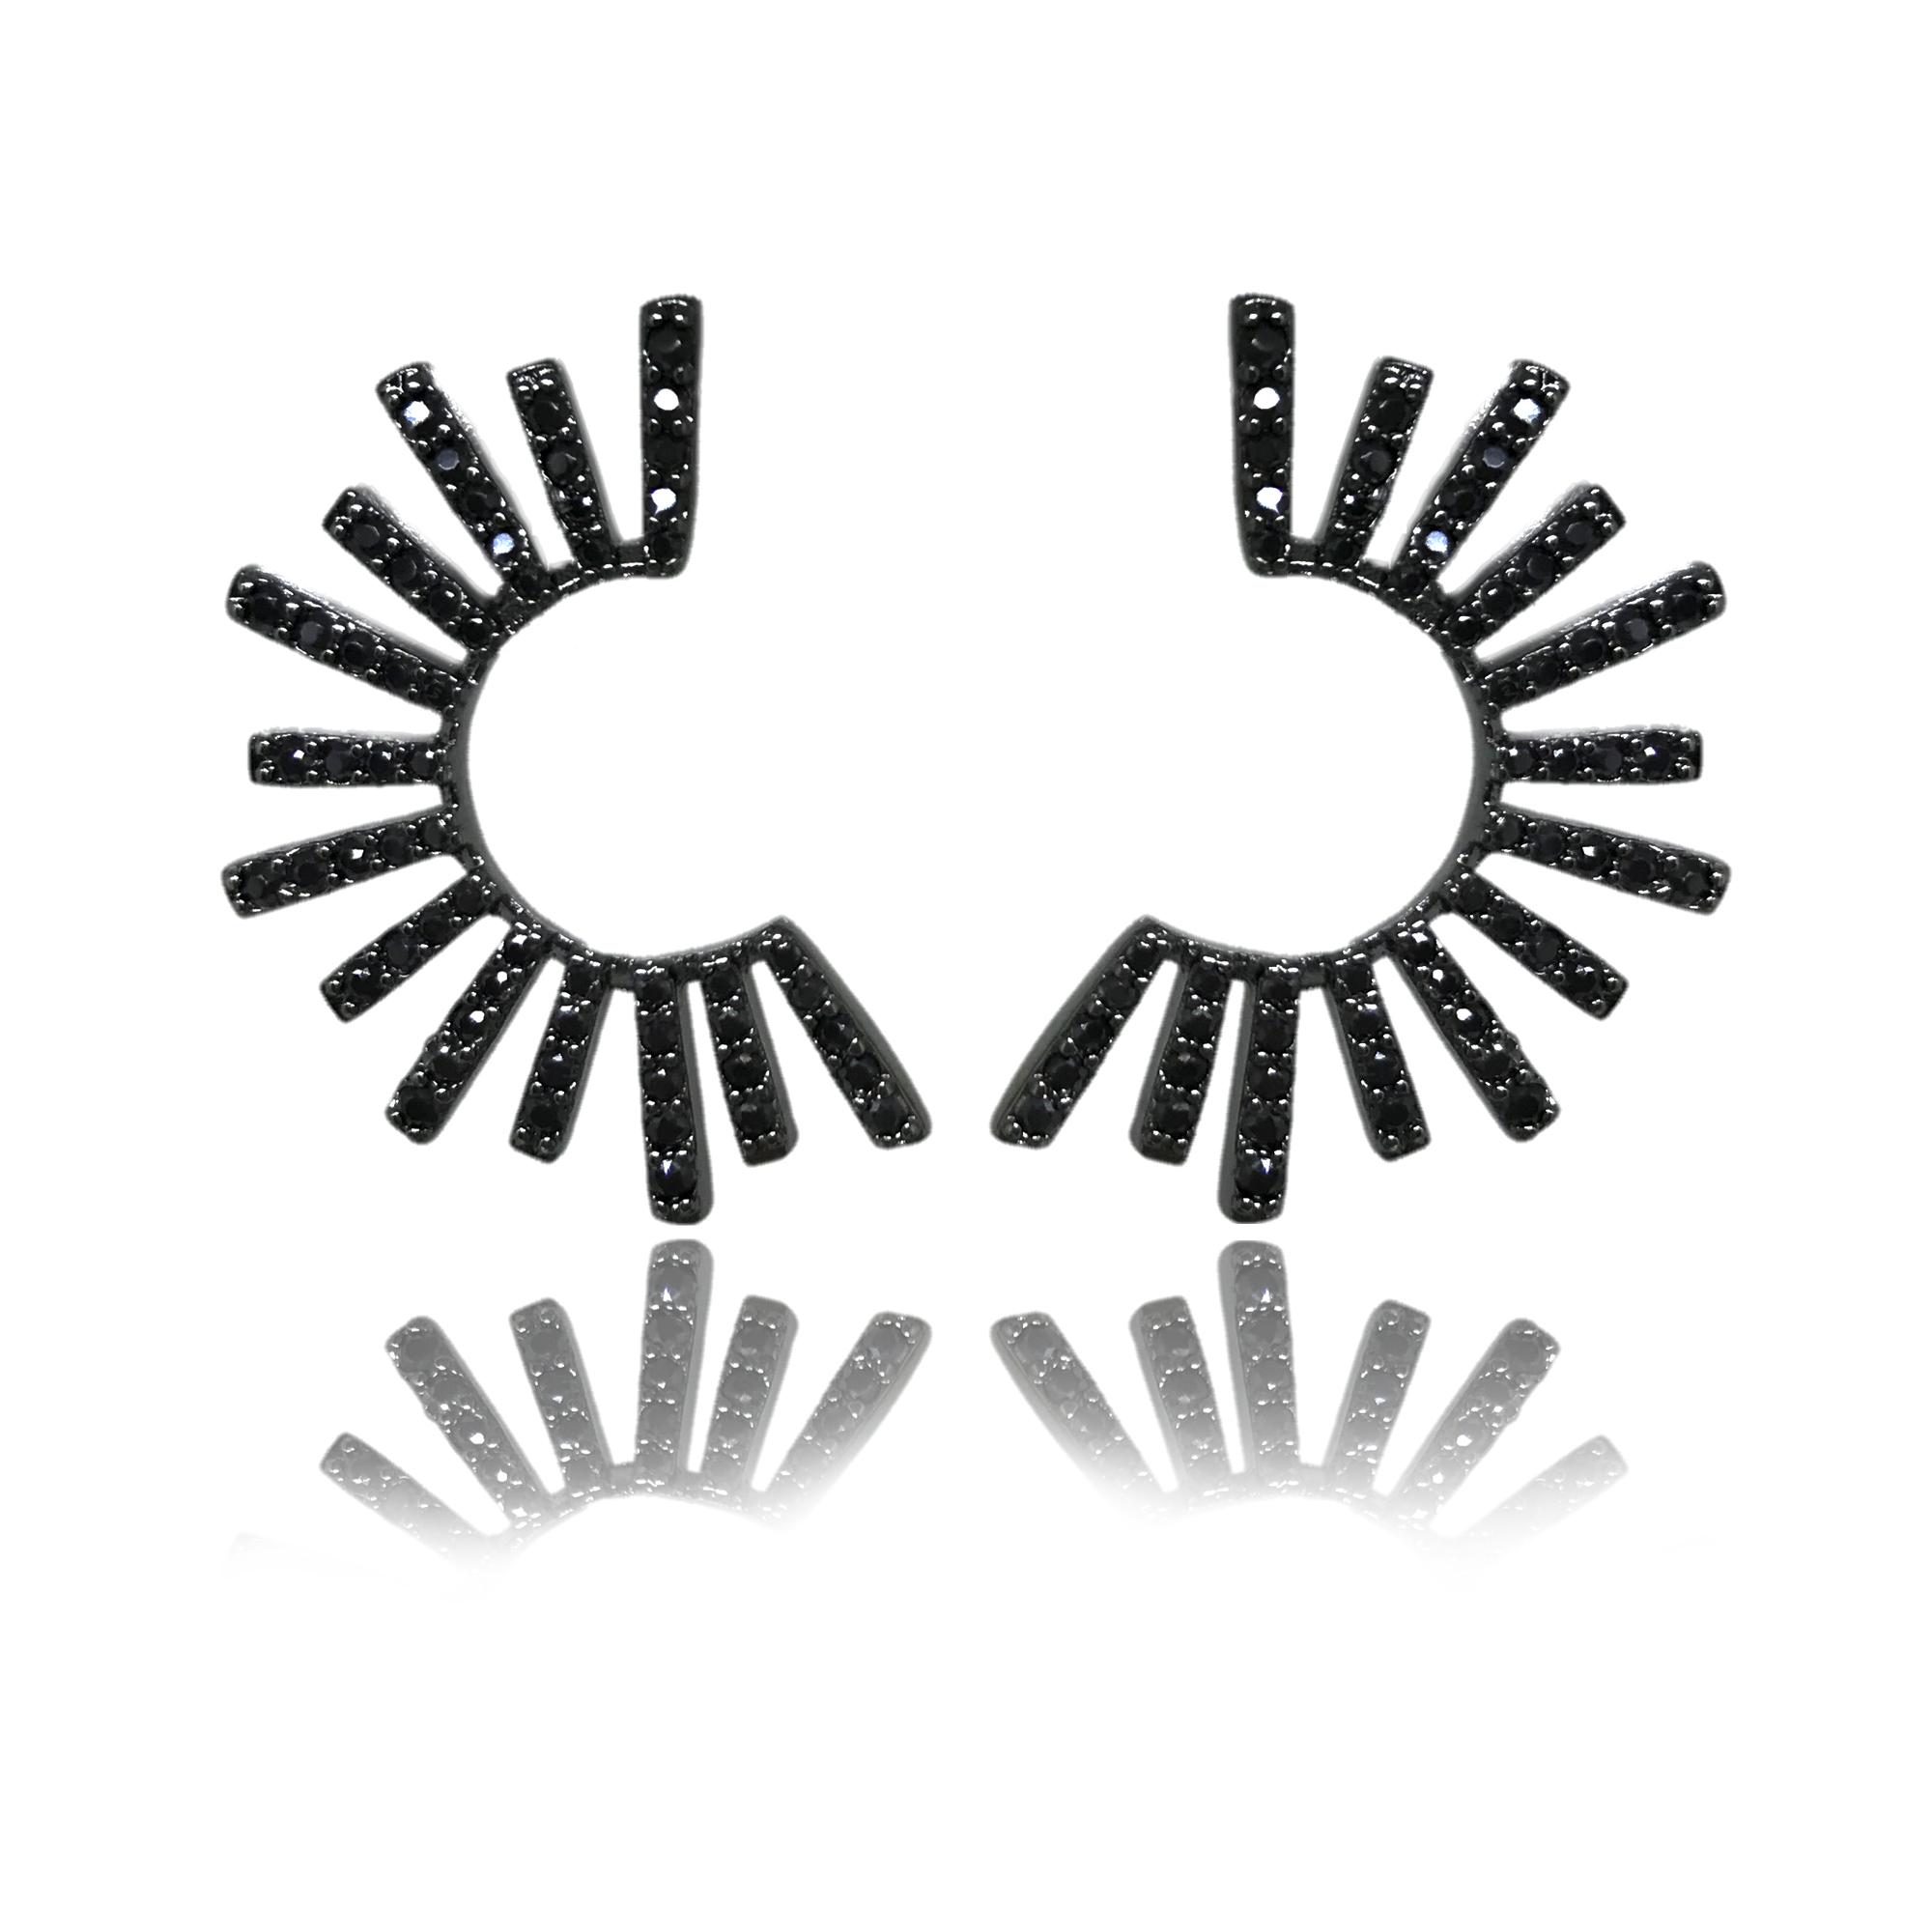 Brinco cravejado em mini zircônias negras folheado no ródio negro